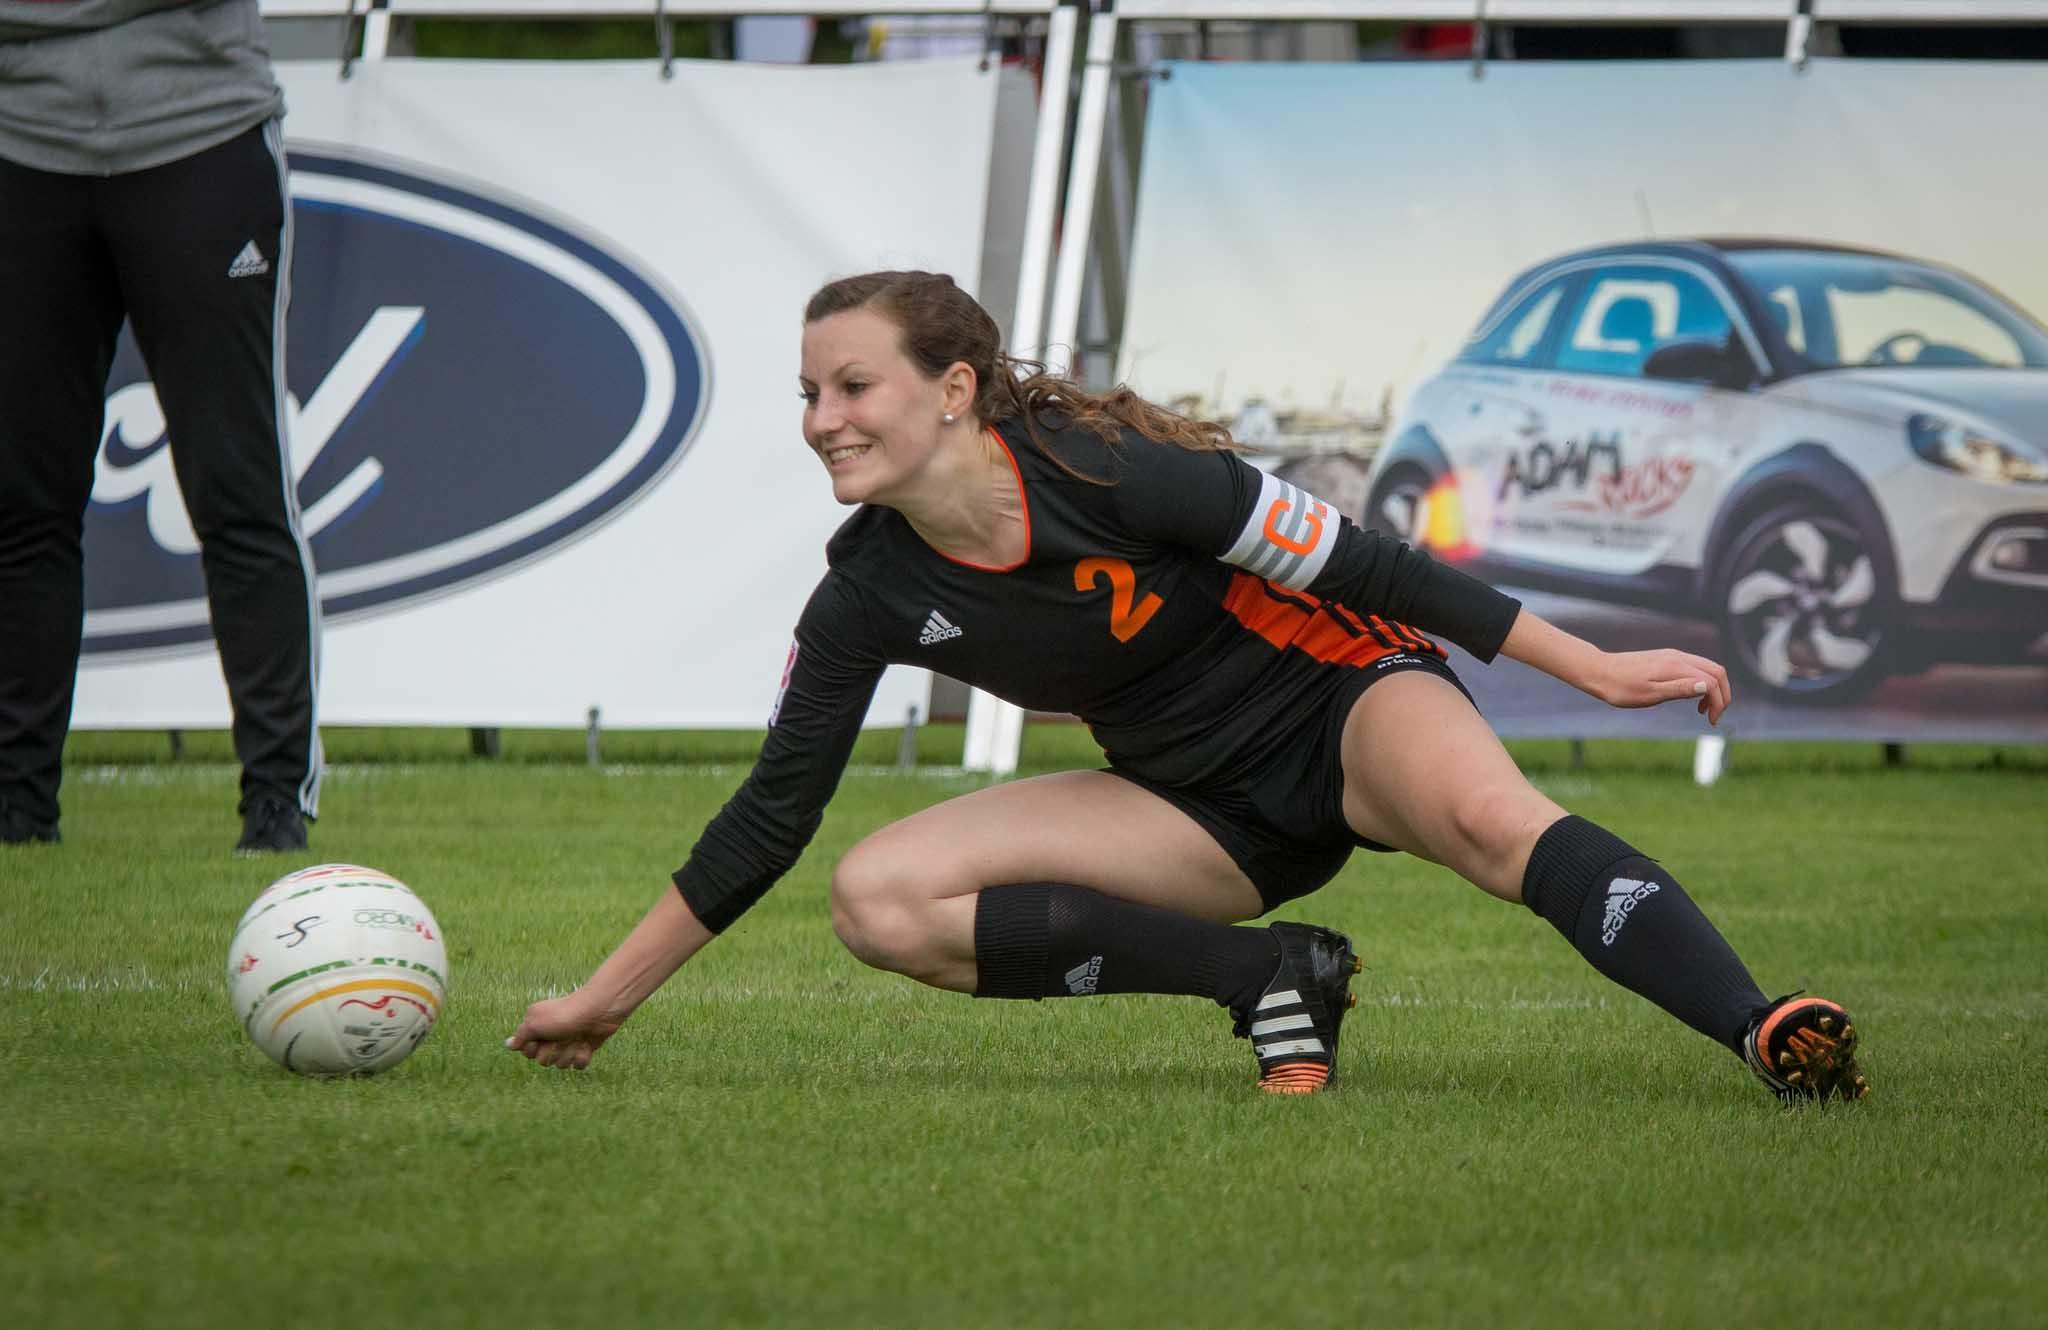 Mit Rückkehrerin Sandra Janot könnte Calw zum großen DM-Favoriten werden. (Foto: DFBL/Schönwandt)